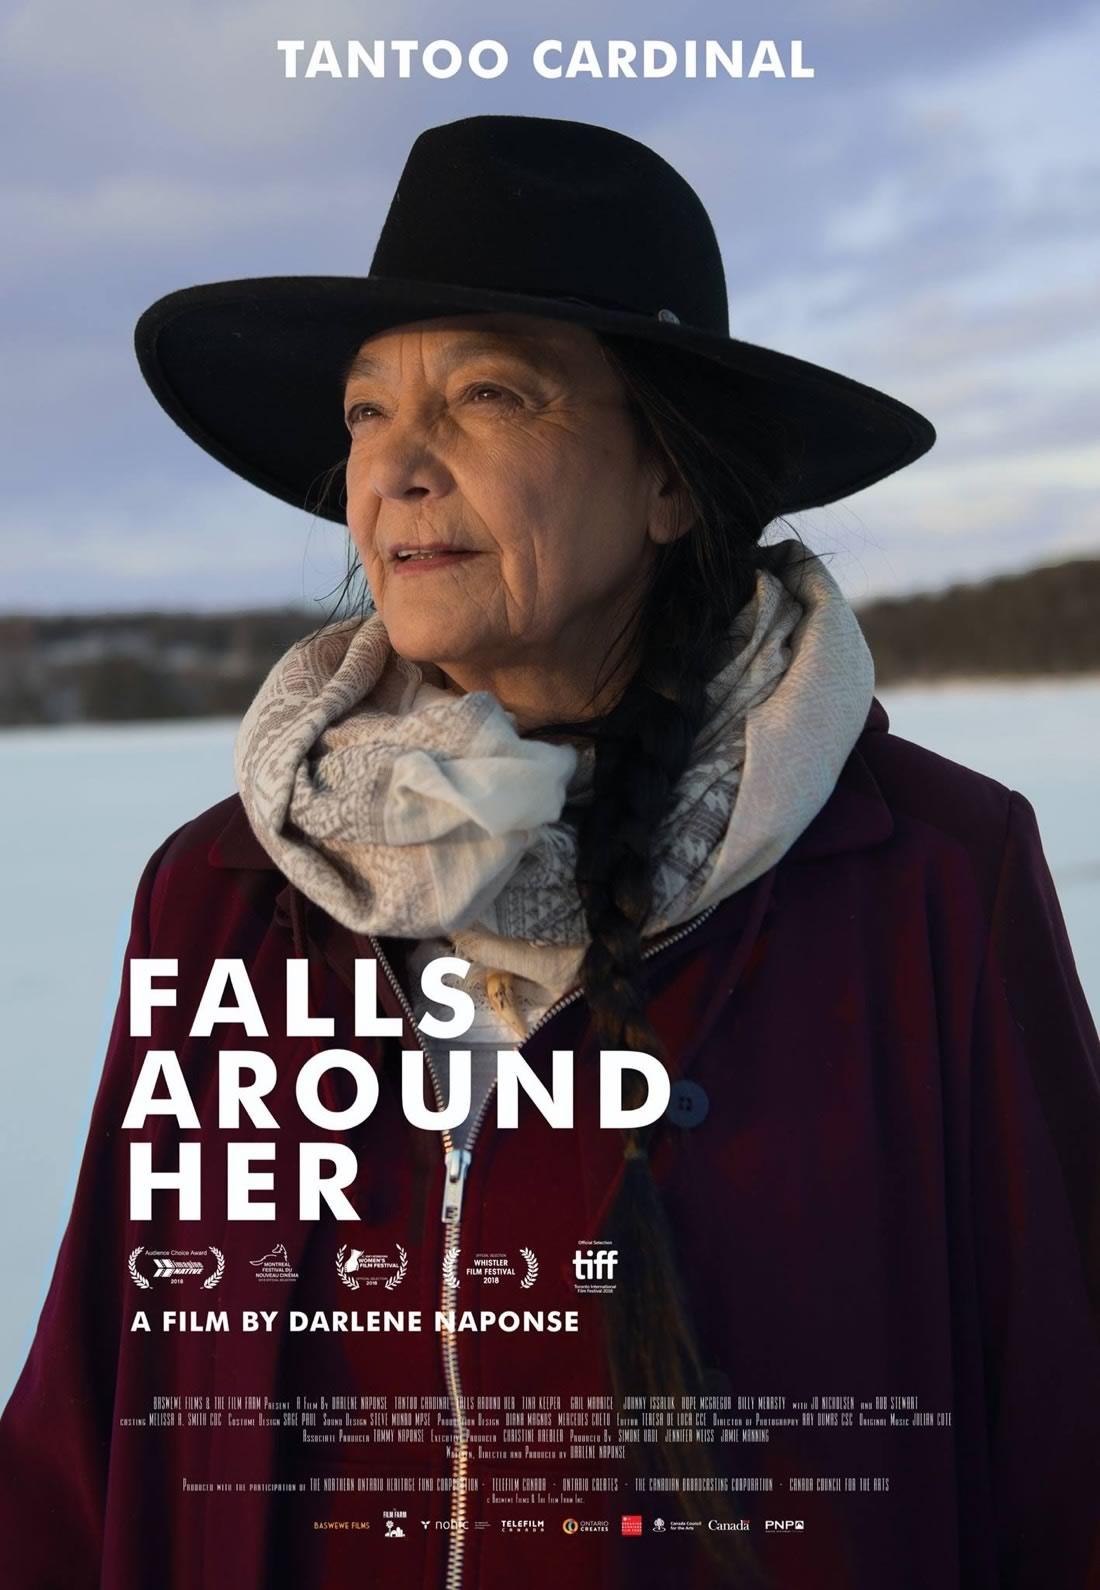 Falls-Around-Her